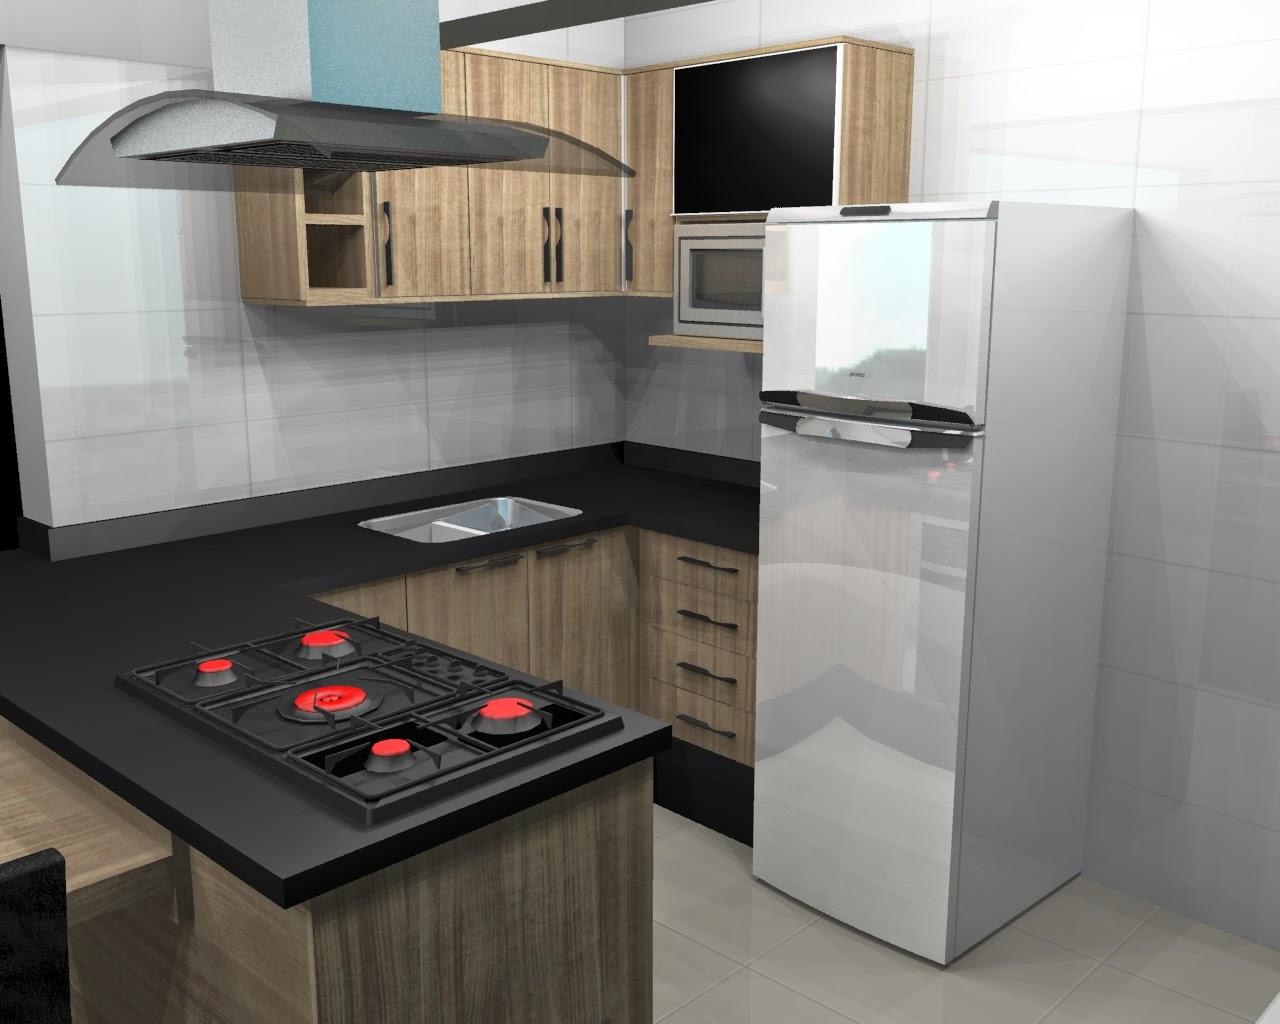 Móveis da Praça: Cozinhas planejadas para Apartamentos Pequenos #B81313 1280 1024